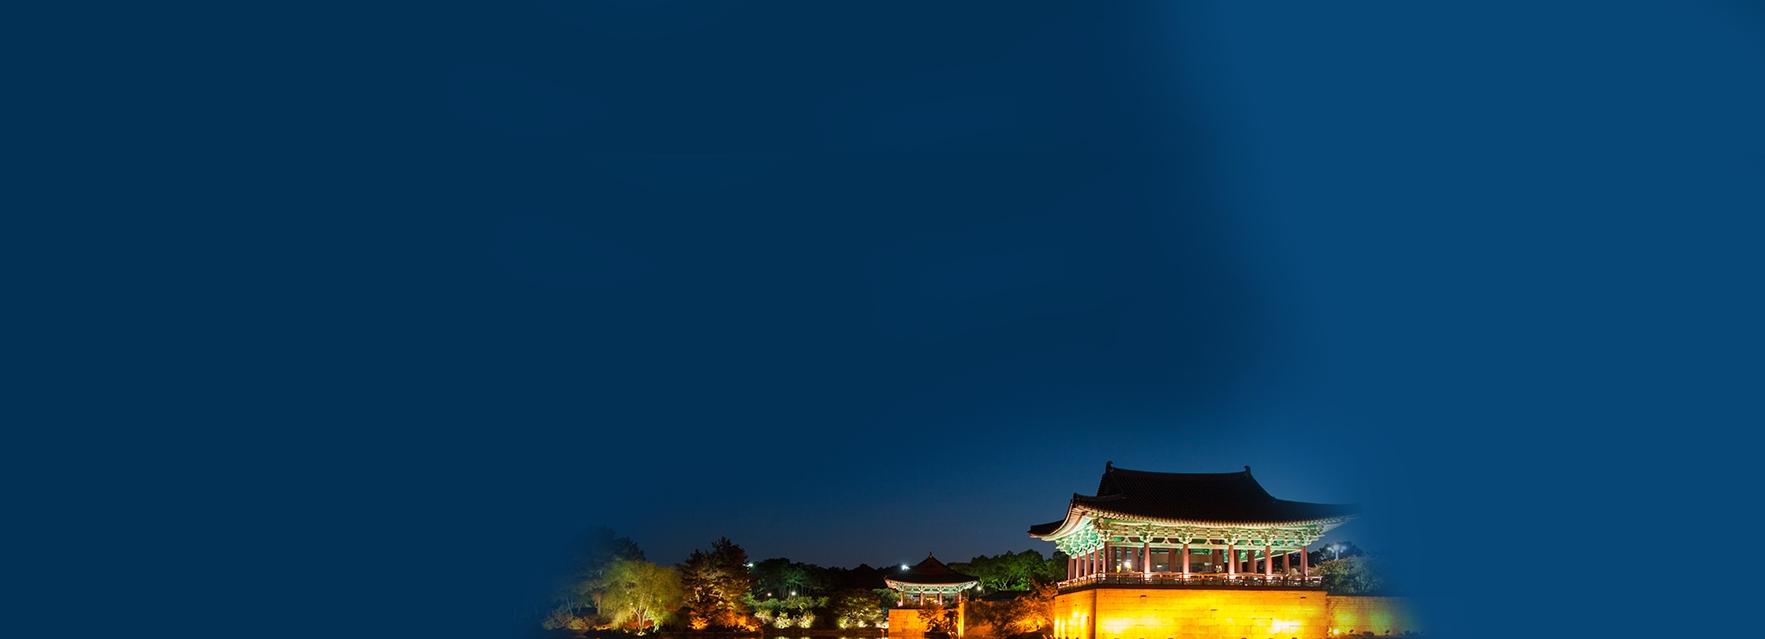 Seoul-fon